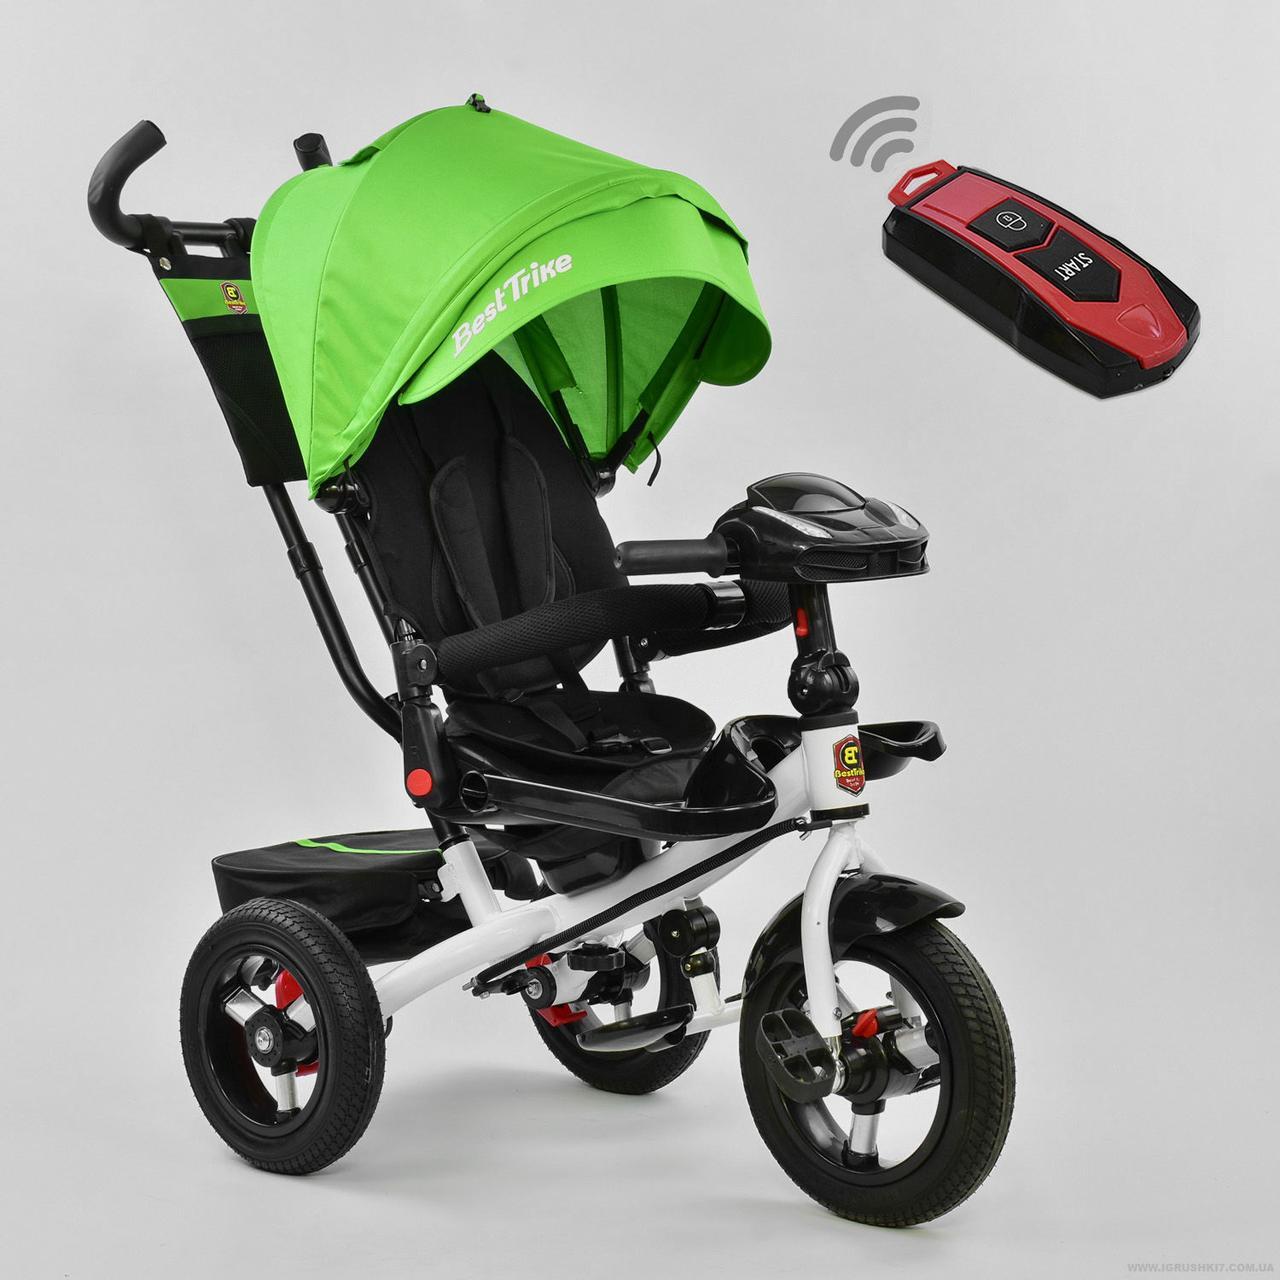 Велосипед детский трехколесный Best Trike 6088 F 1990 поворотное сиденье, пульт, складной руль